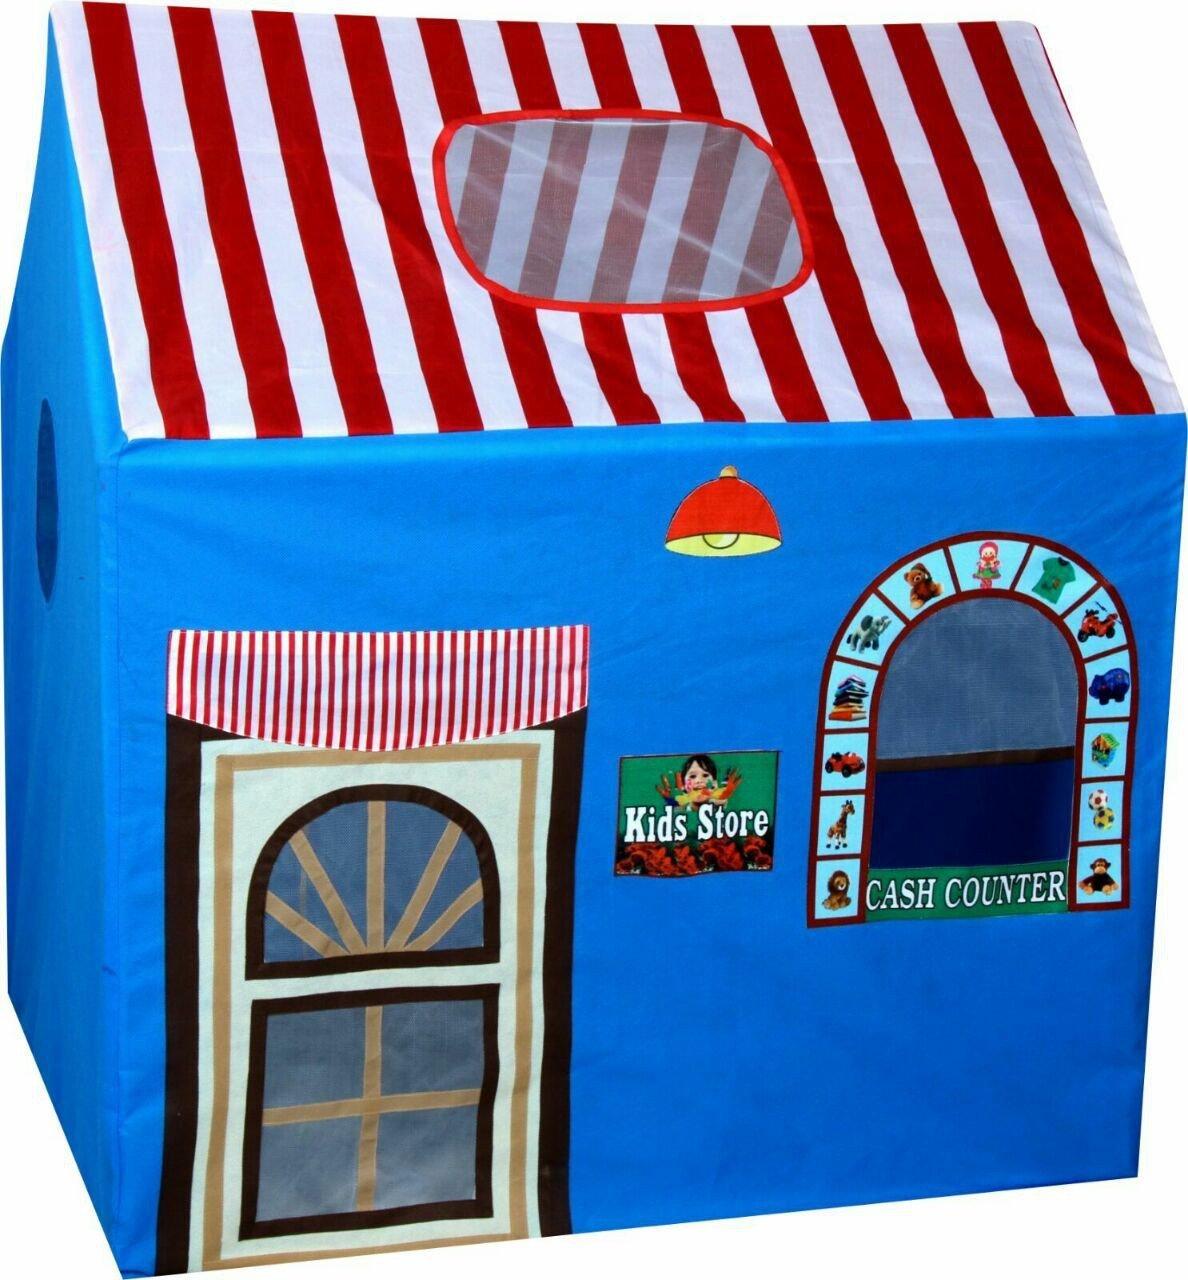 Toyshine Jumbo Size Kids Store Tent House For Kids, (Blue)